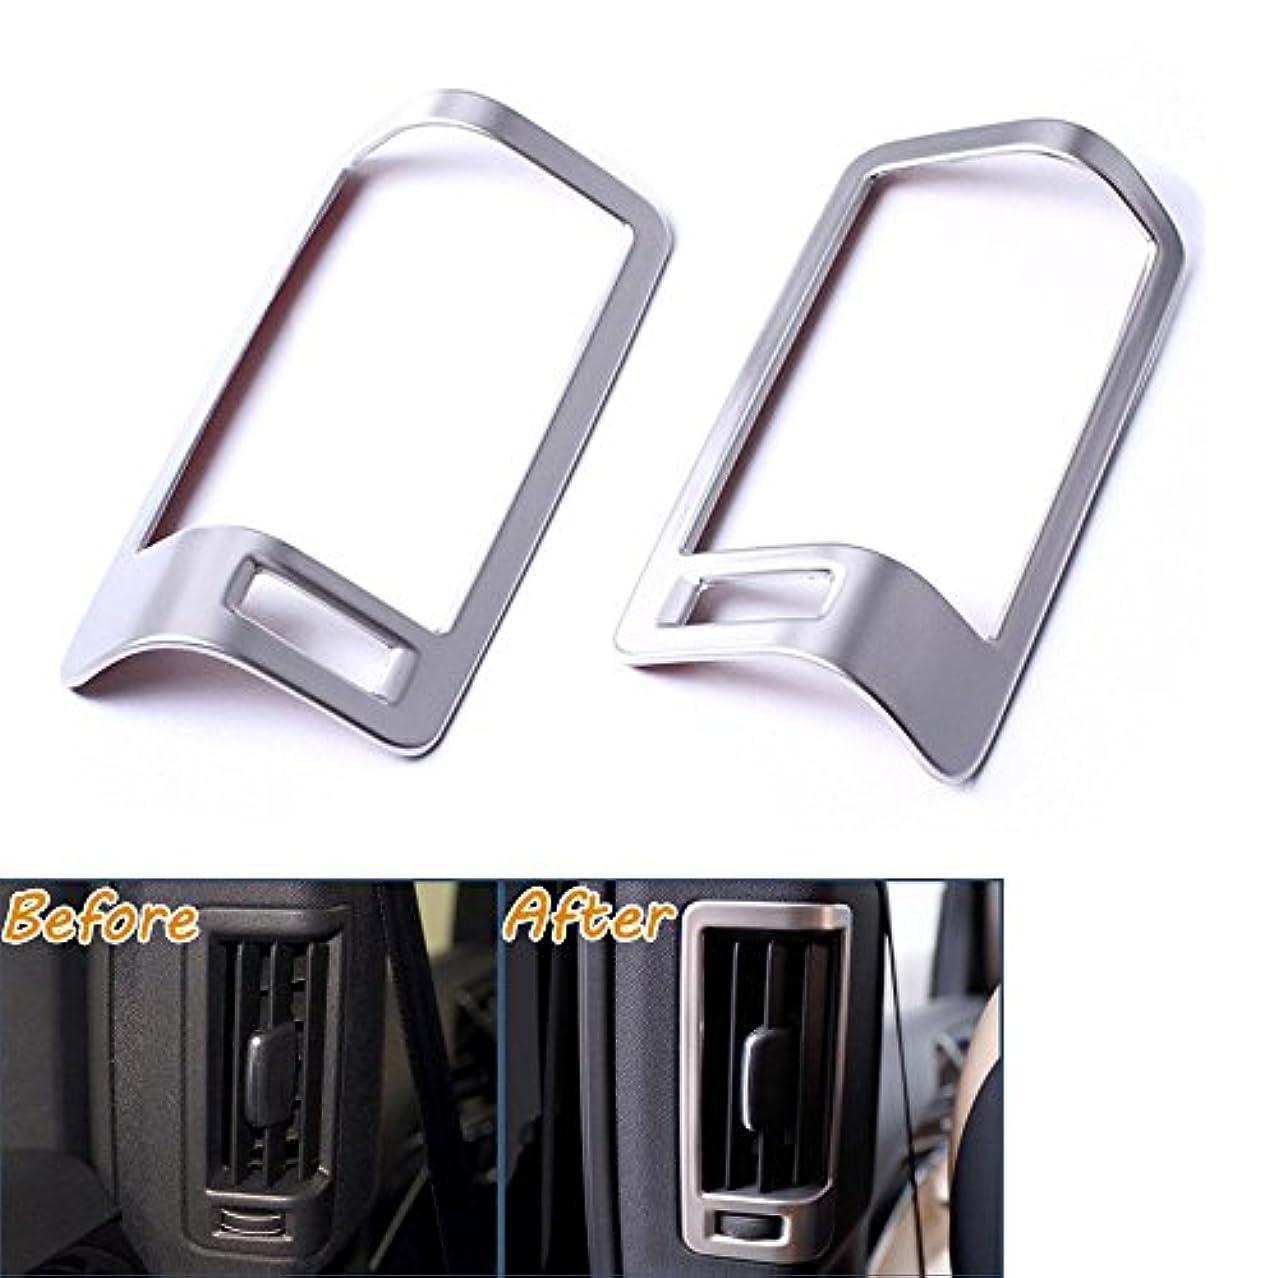 出発するマーガレットミッチェル同盟Jicorzo - 2Pcs B Pillar AC Vent Outlet Frame Moulding Cover Trims Stainless Fit For 2016 VOLVO XC90